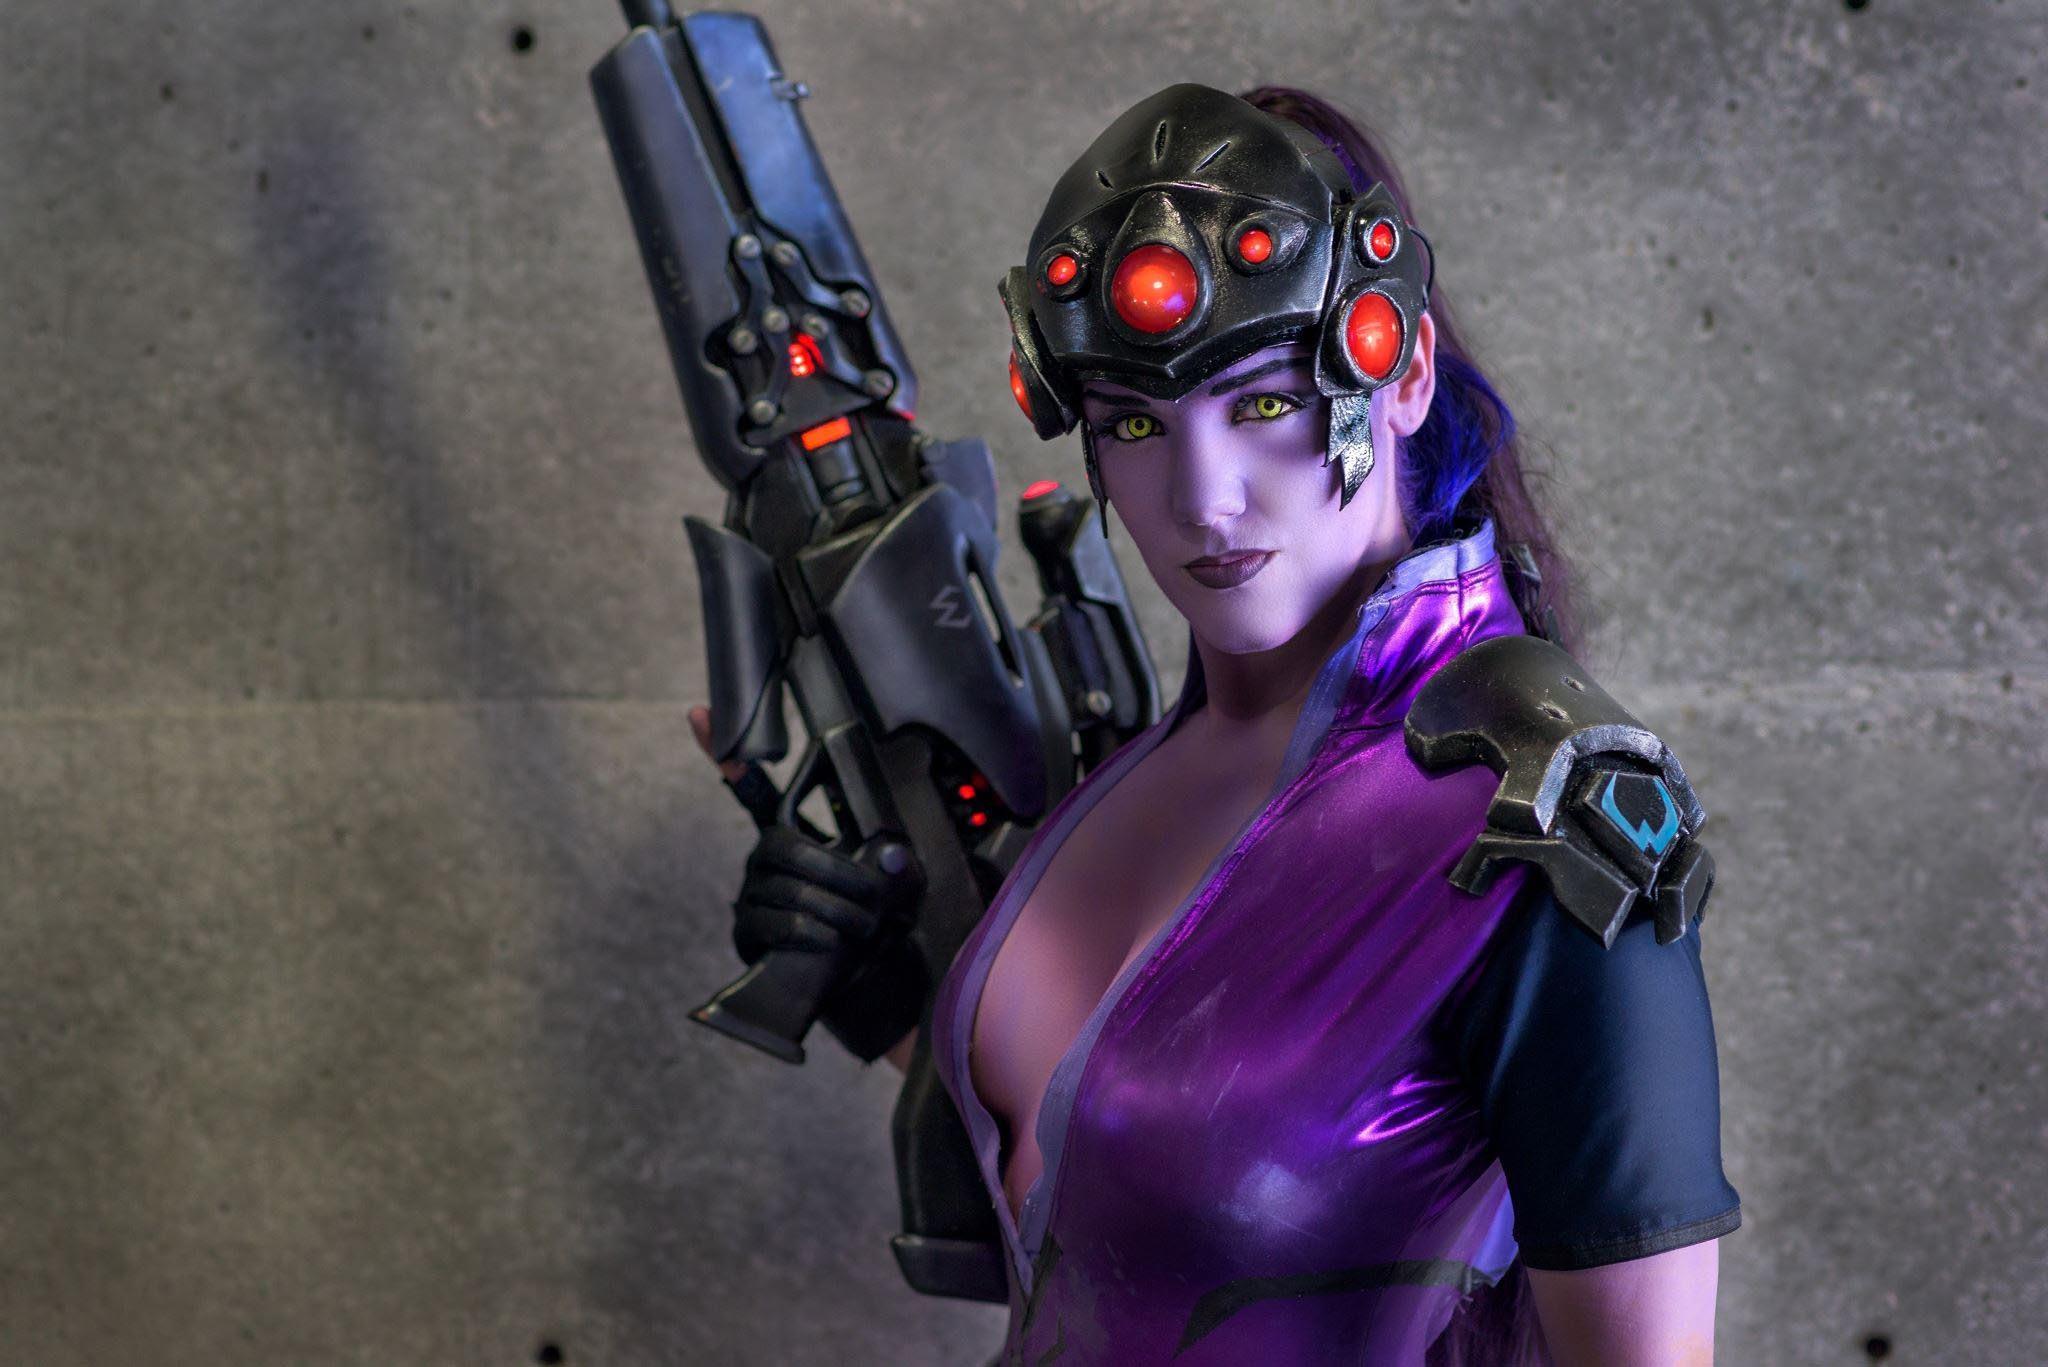 Widowmaker In Overwatch Video Game, HD Games, 4k